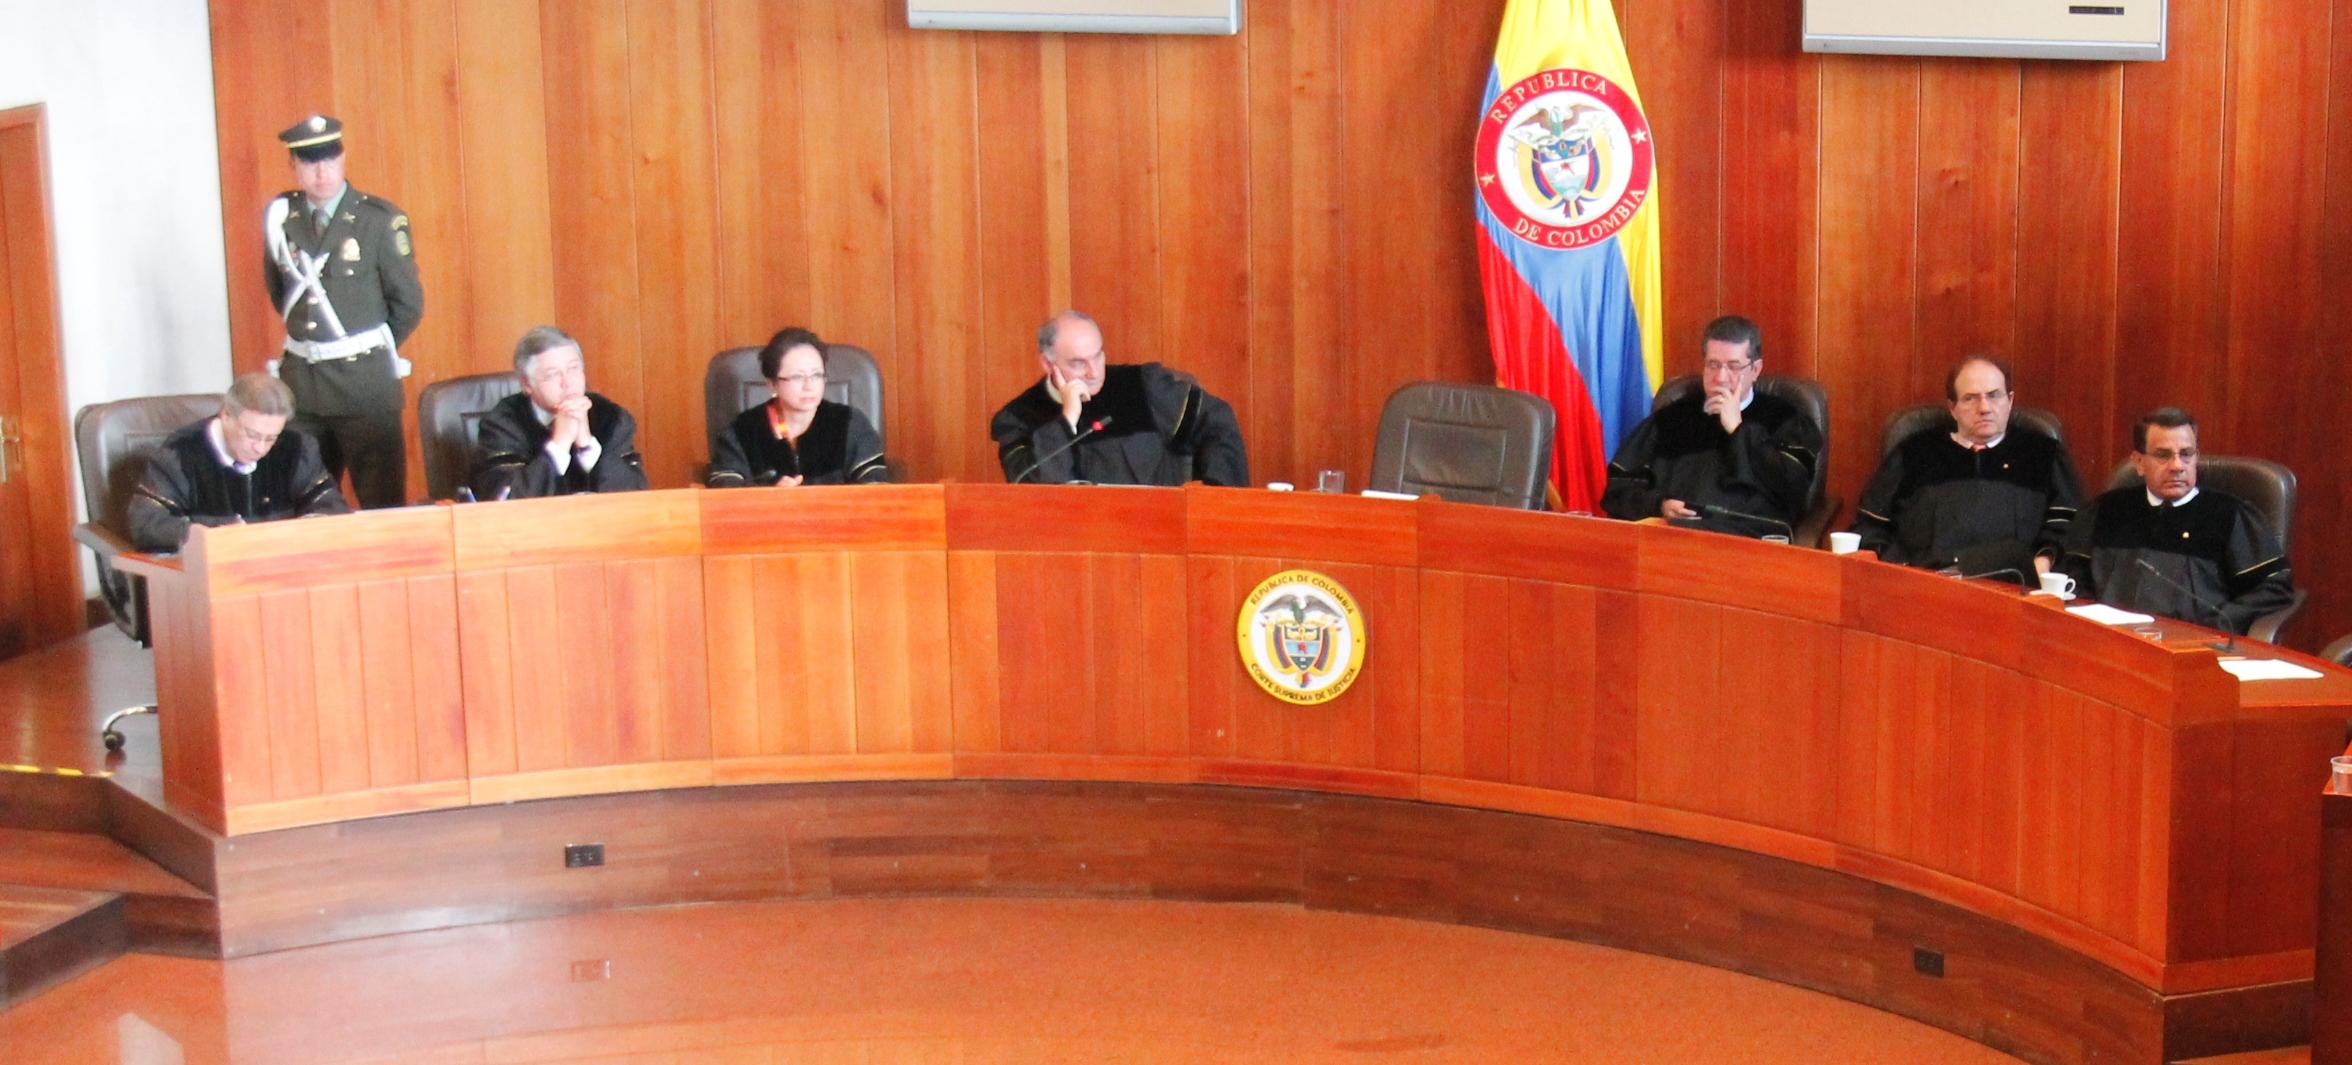 Resultado de imagen para corte suprema de justicia de colombia